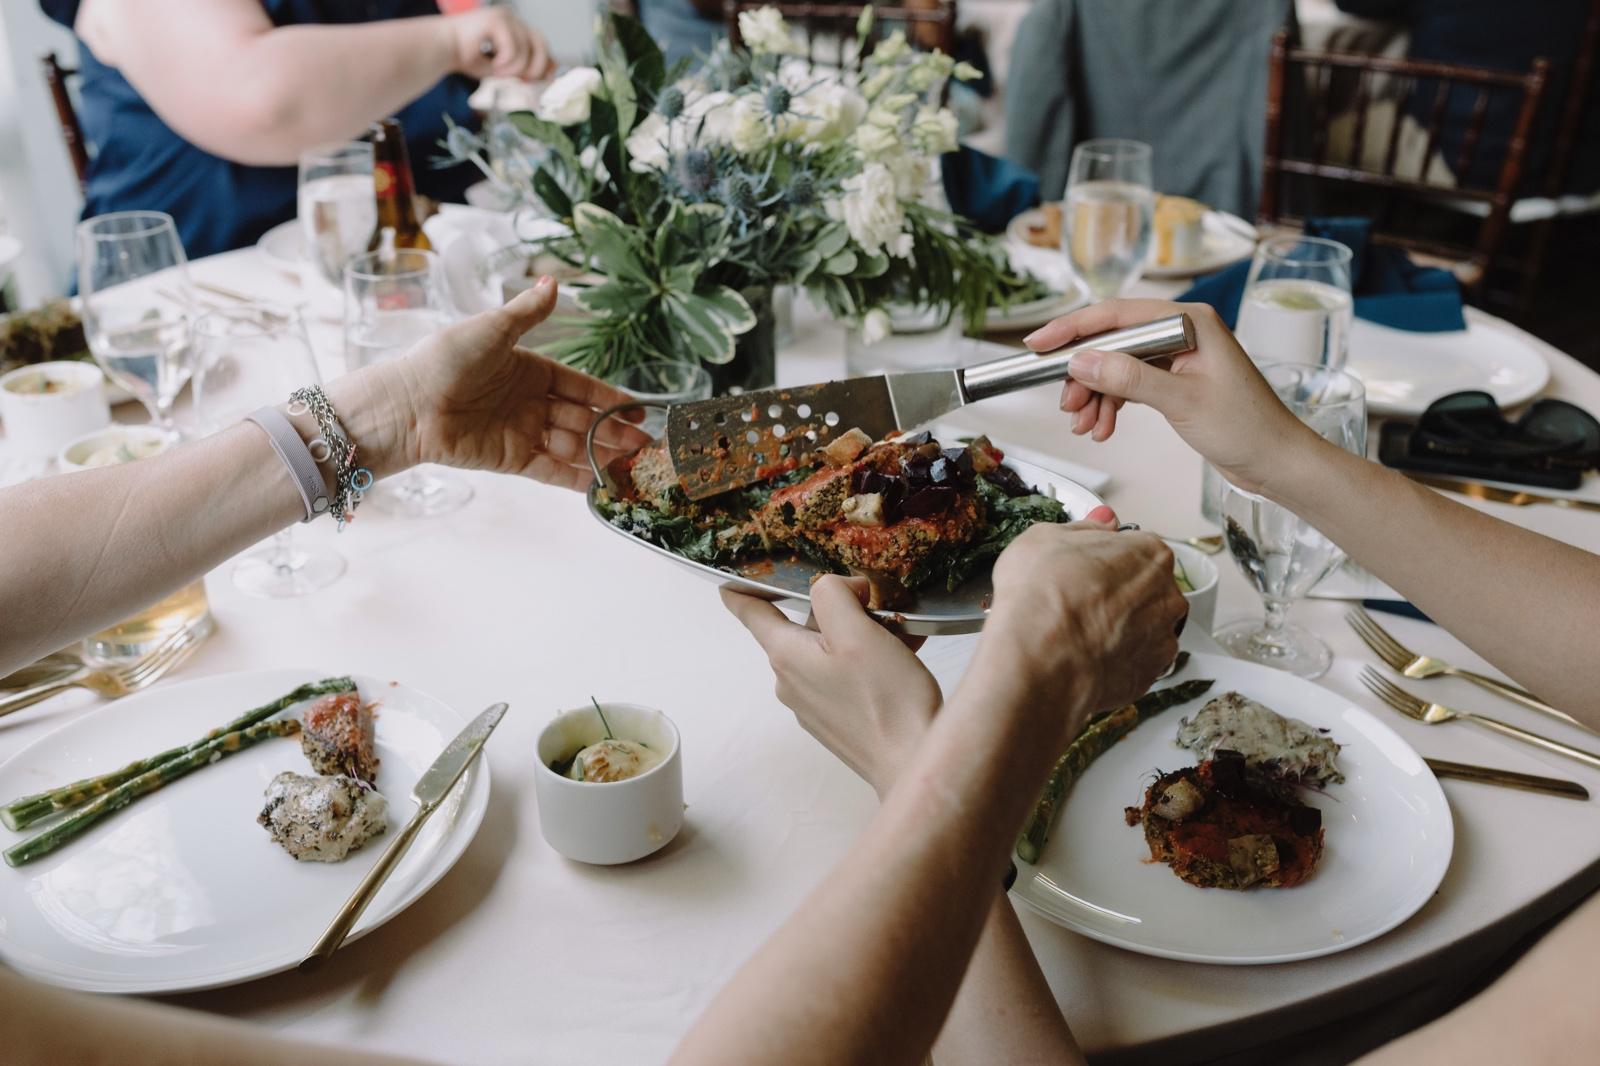 Family style wedding dinner in Austin